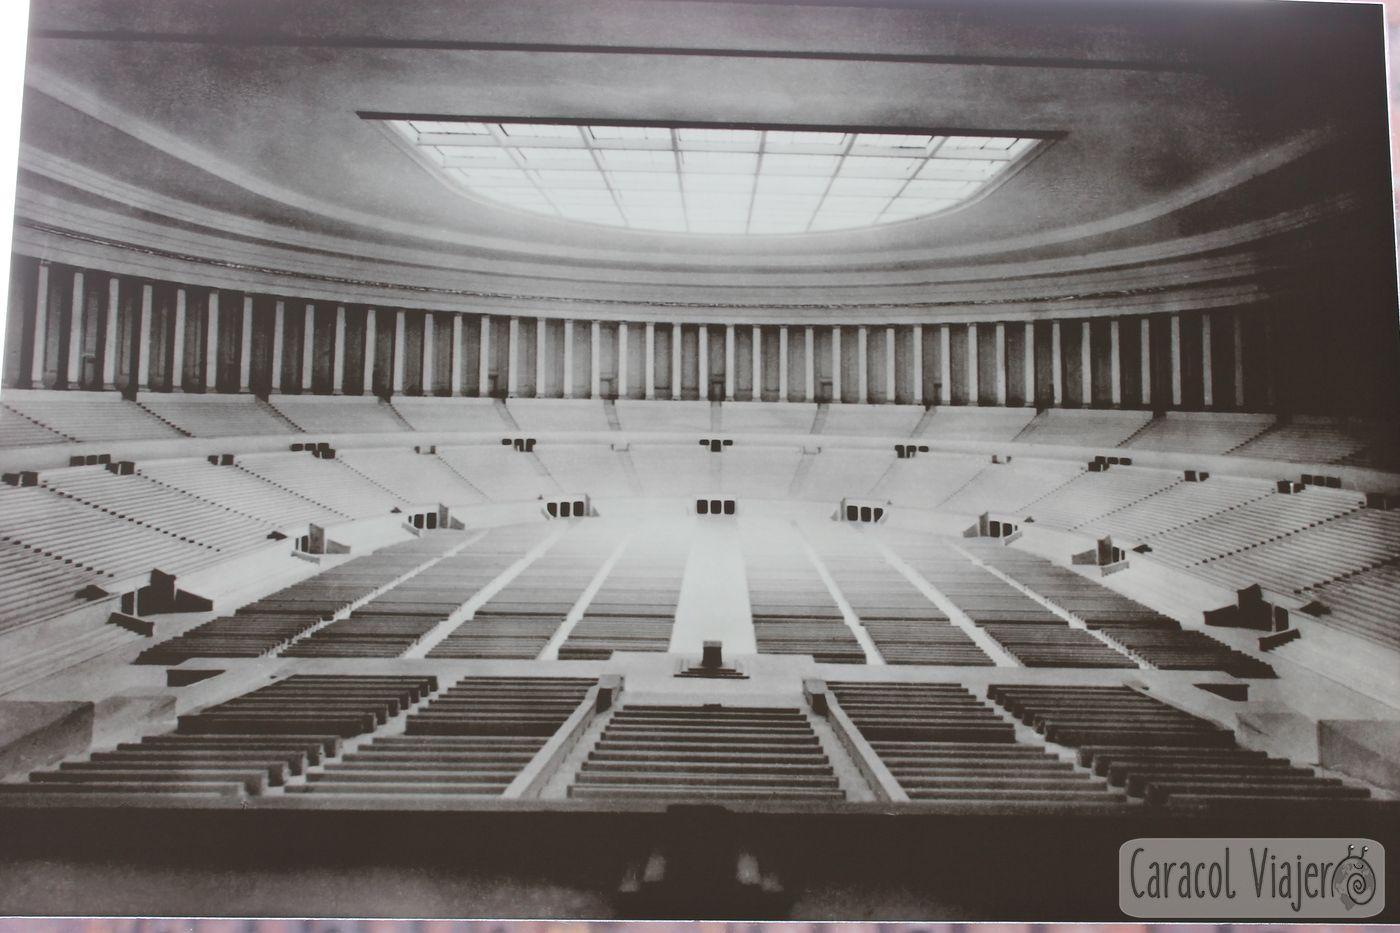 Hall de congresos en Núremberg, foto antigua